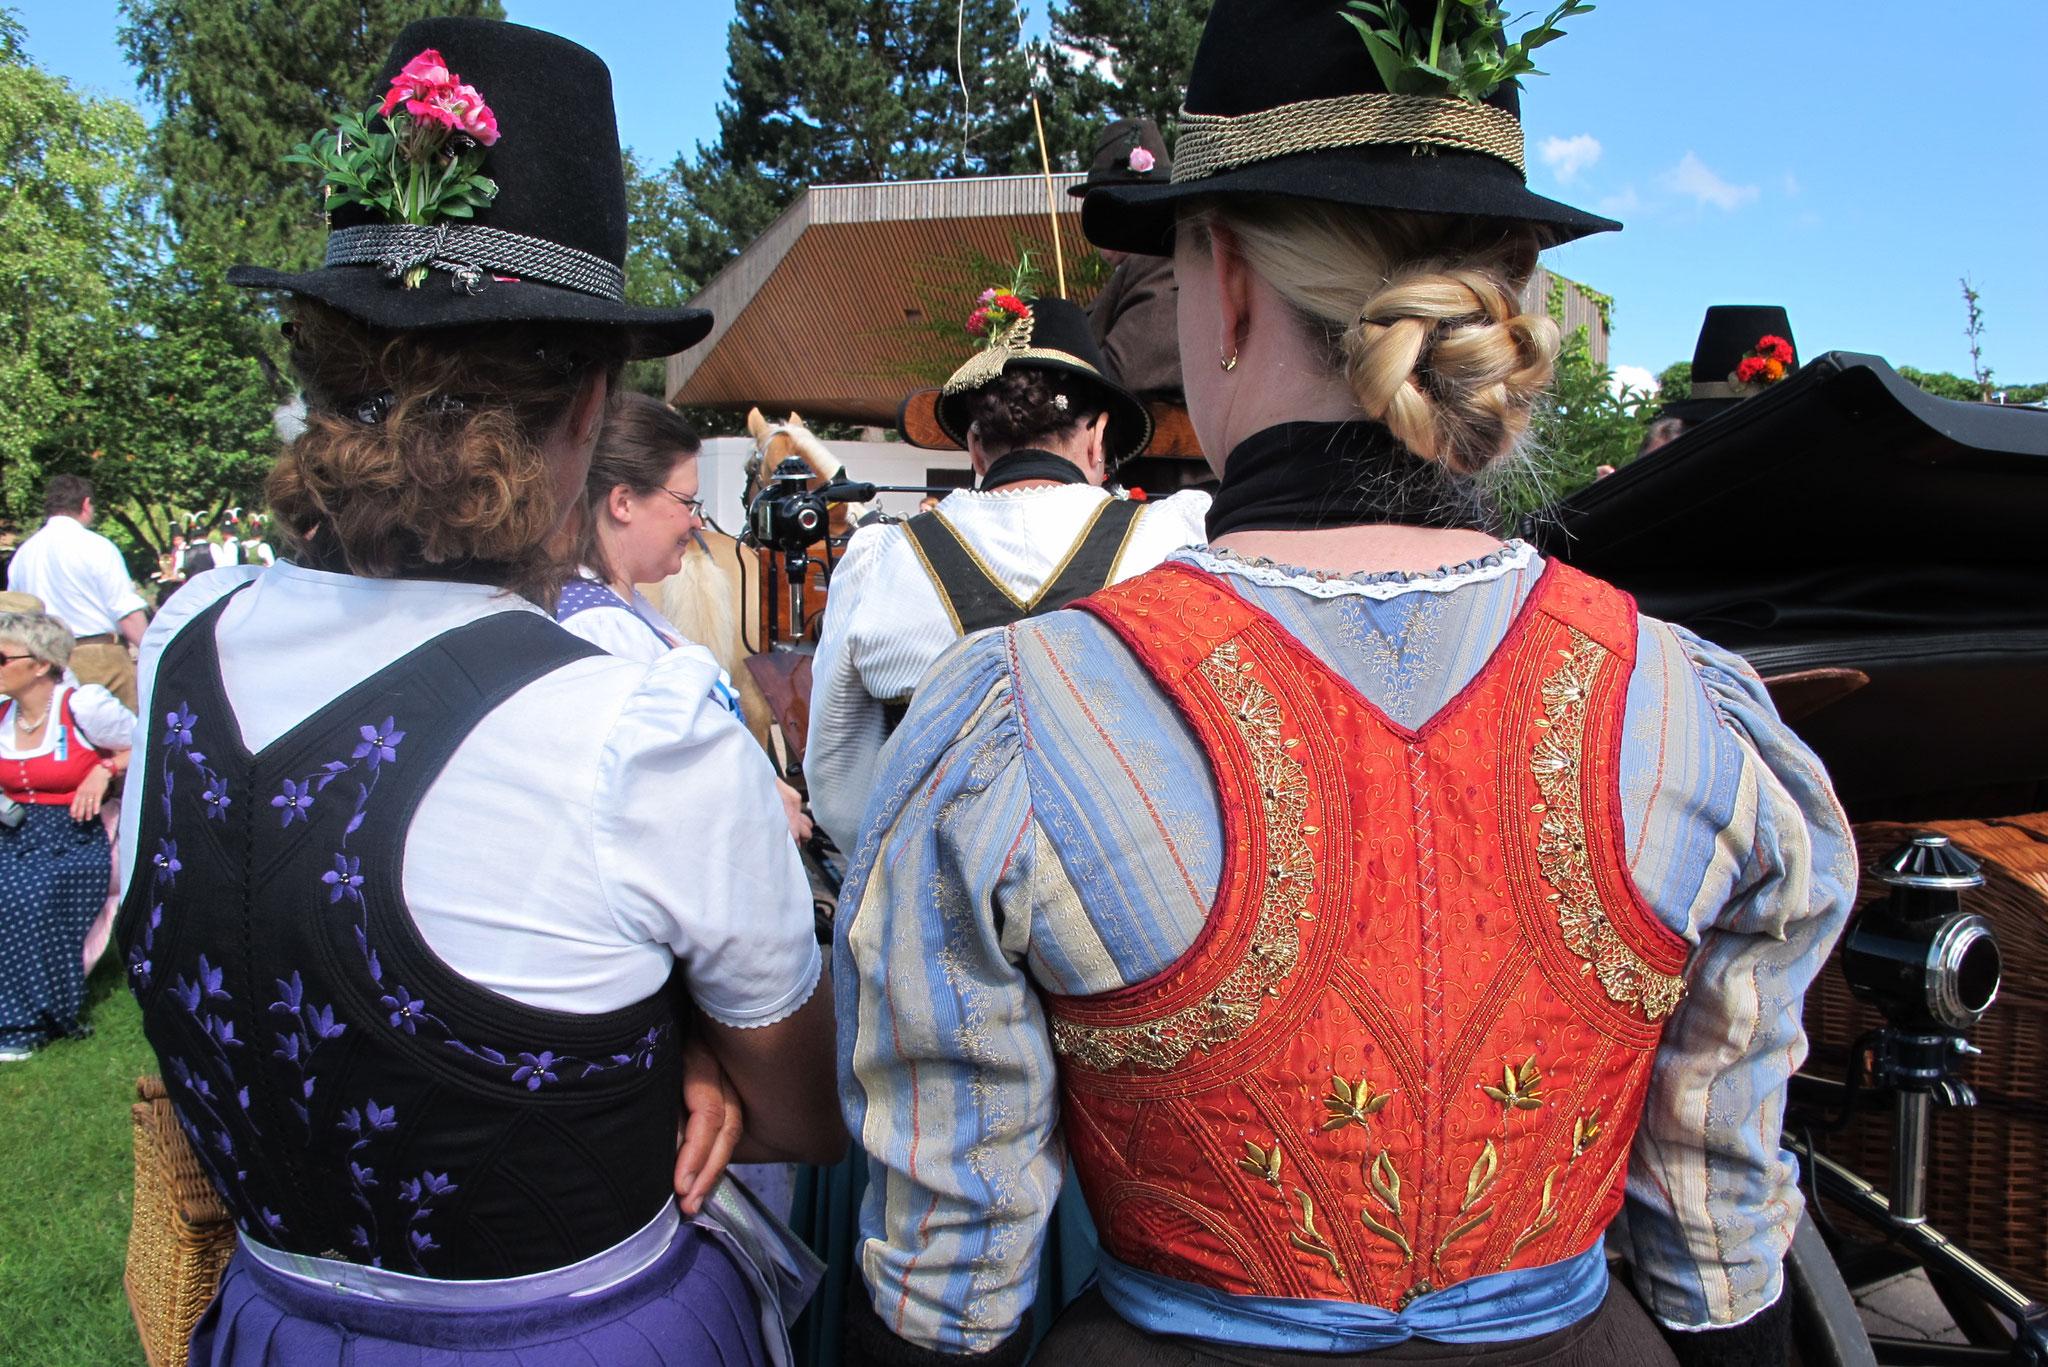 Zwei schöne Rücken können auch entzücken